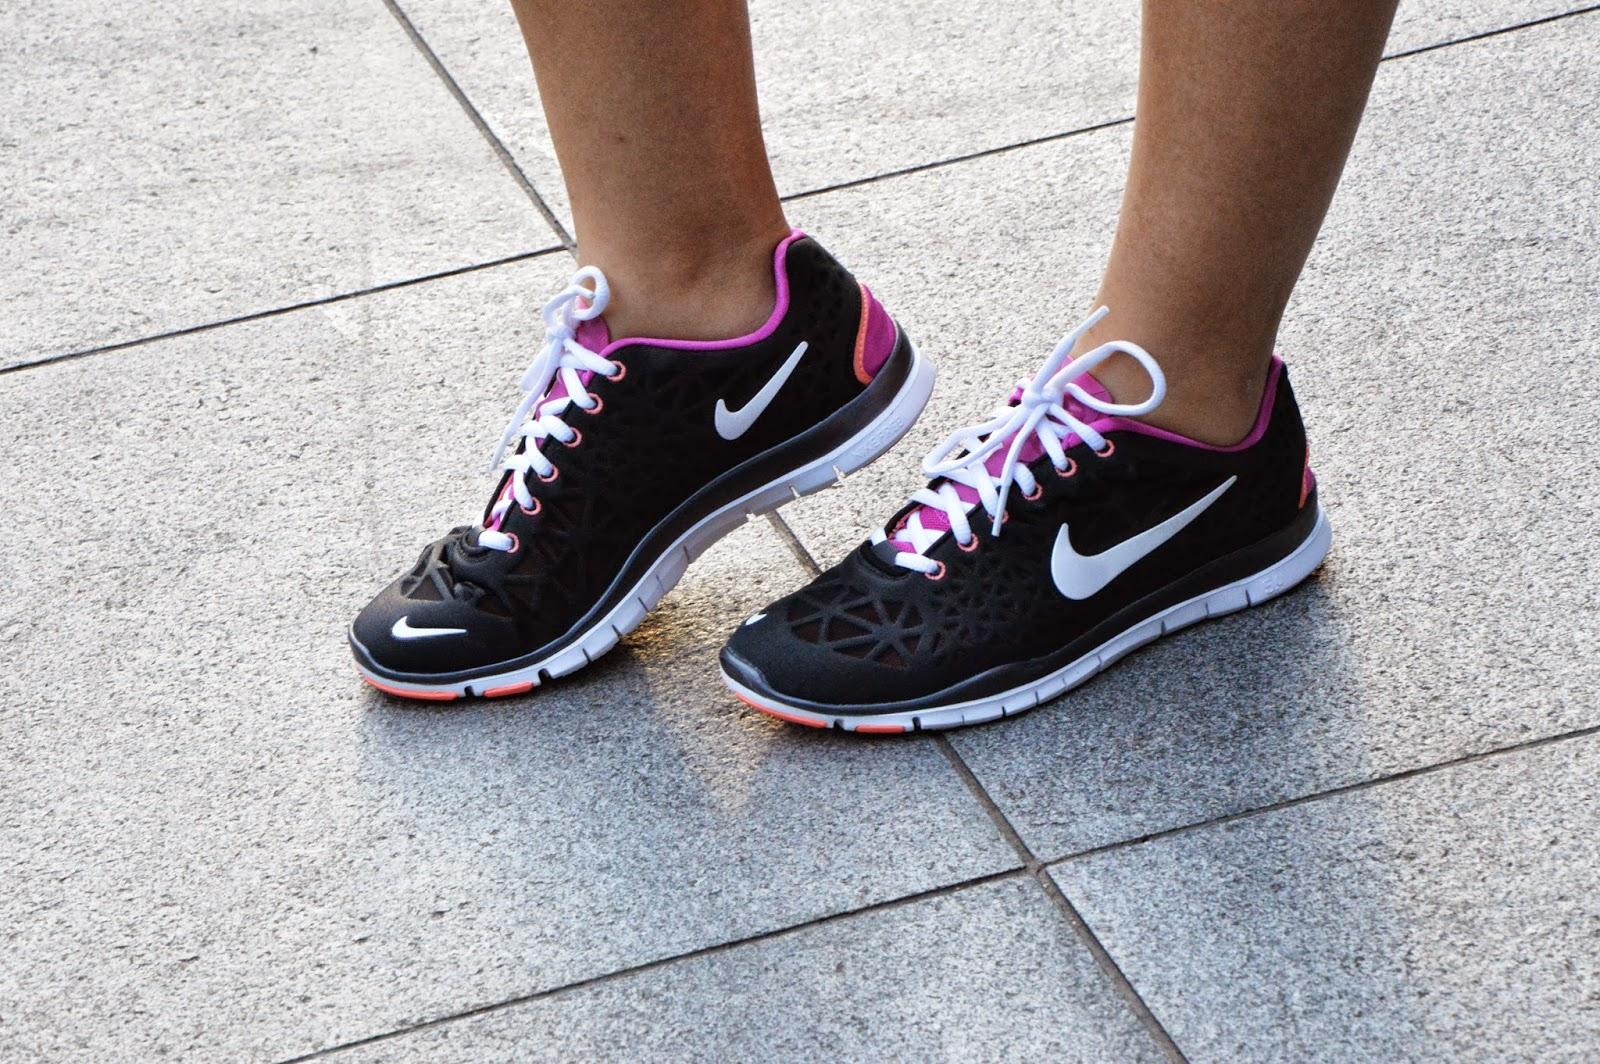 Nike Free Run Womens Black And Pink Nike free run tr 5.0 in